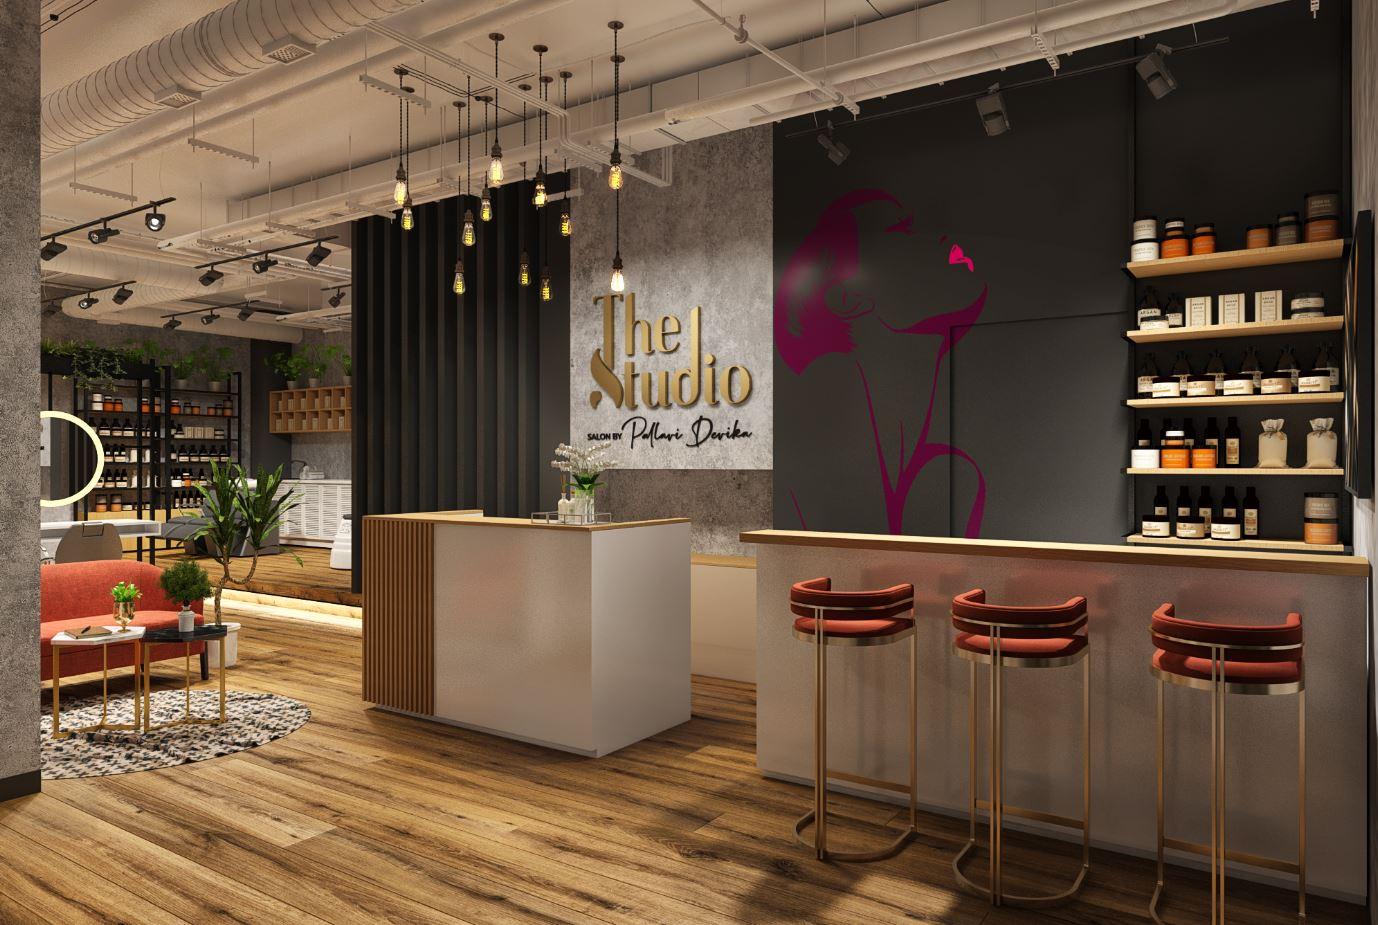 Retial design Beuaty salon design by DZ design in Dubai